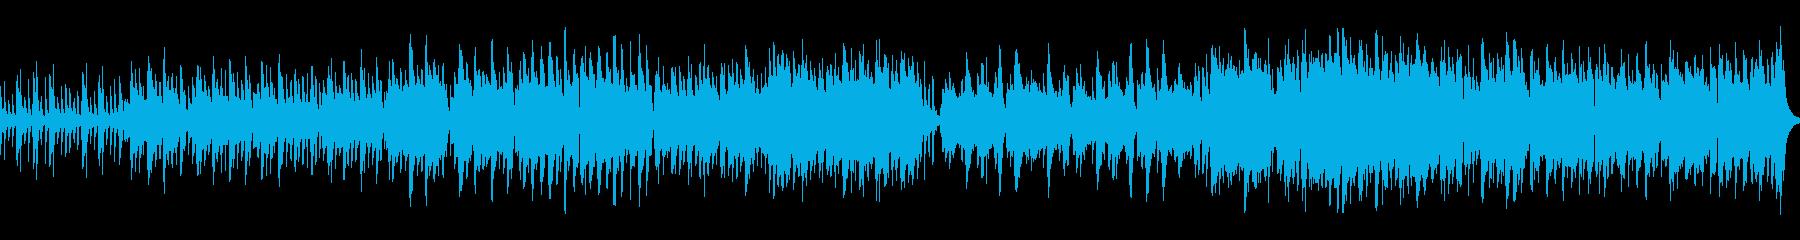 ファンタジーRPG 村や町の曲01の再生済みの波形